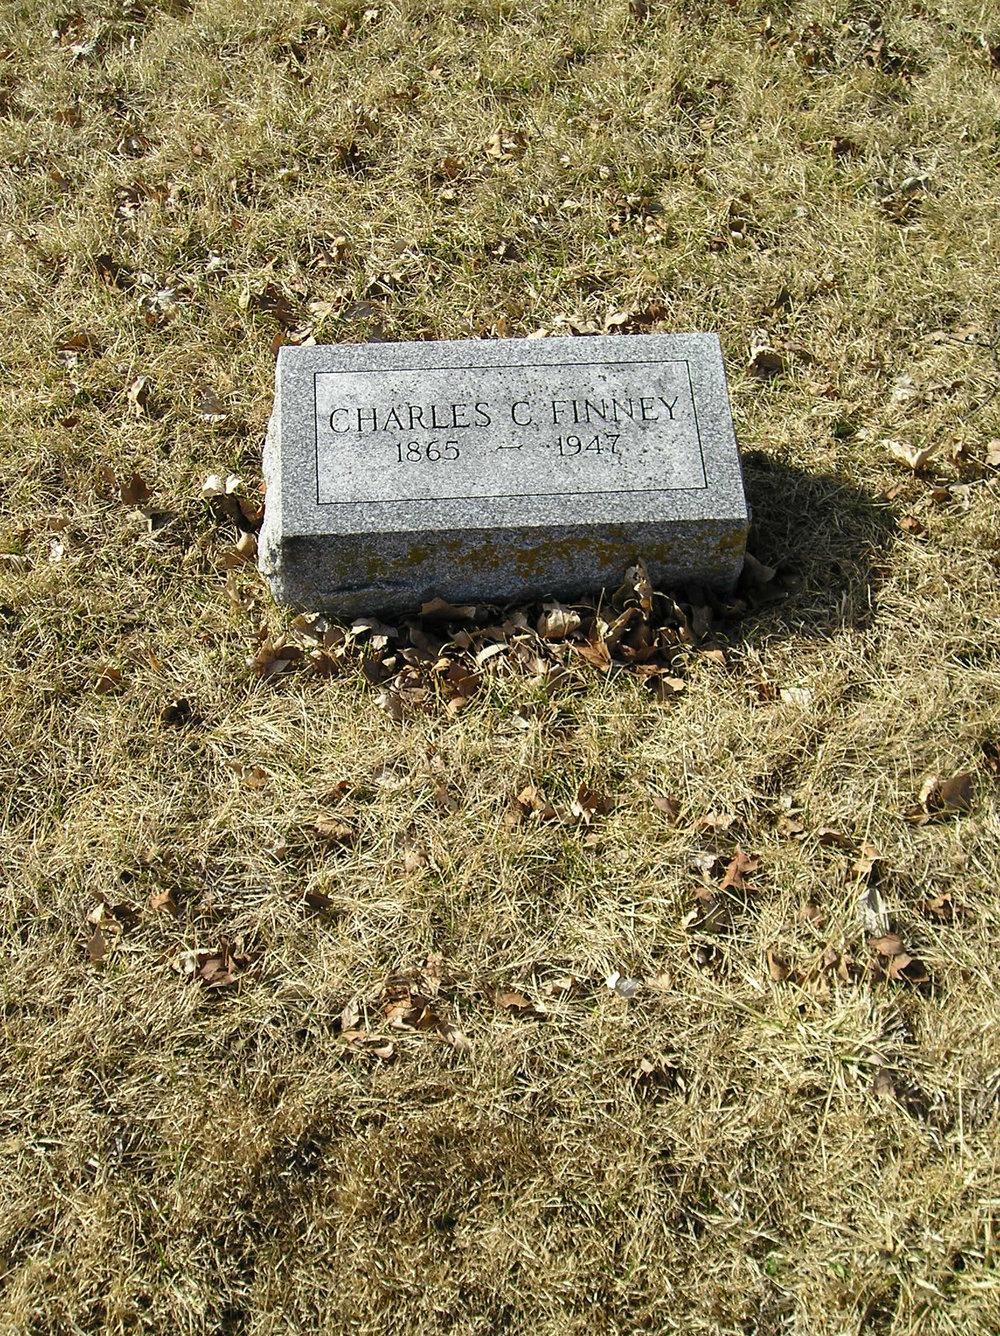 Charles C. Finney.JPG